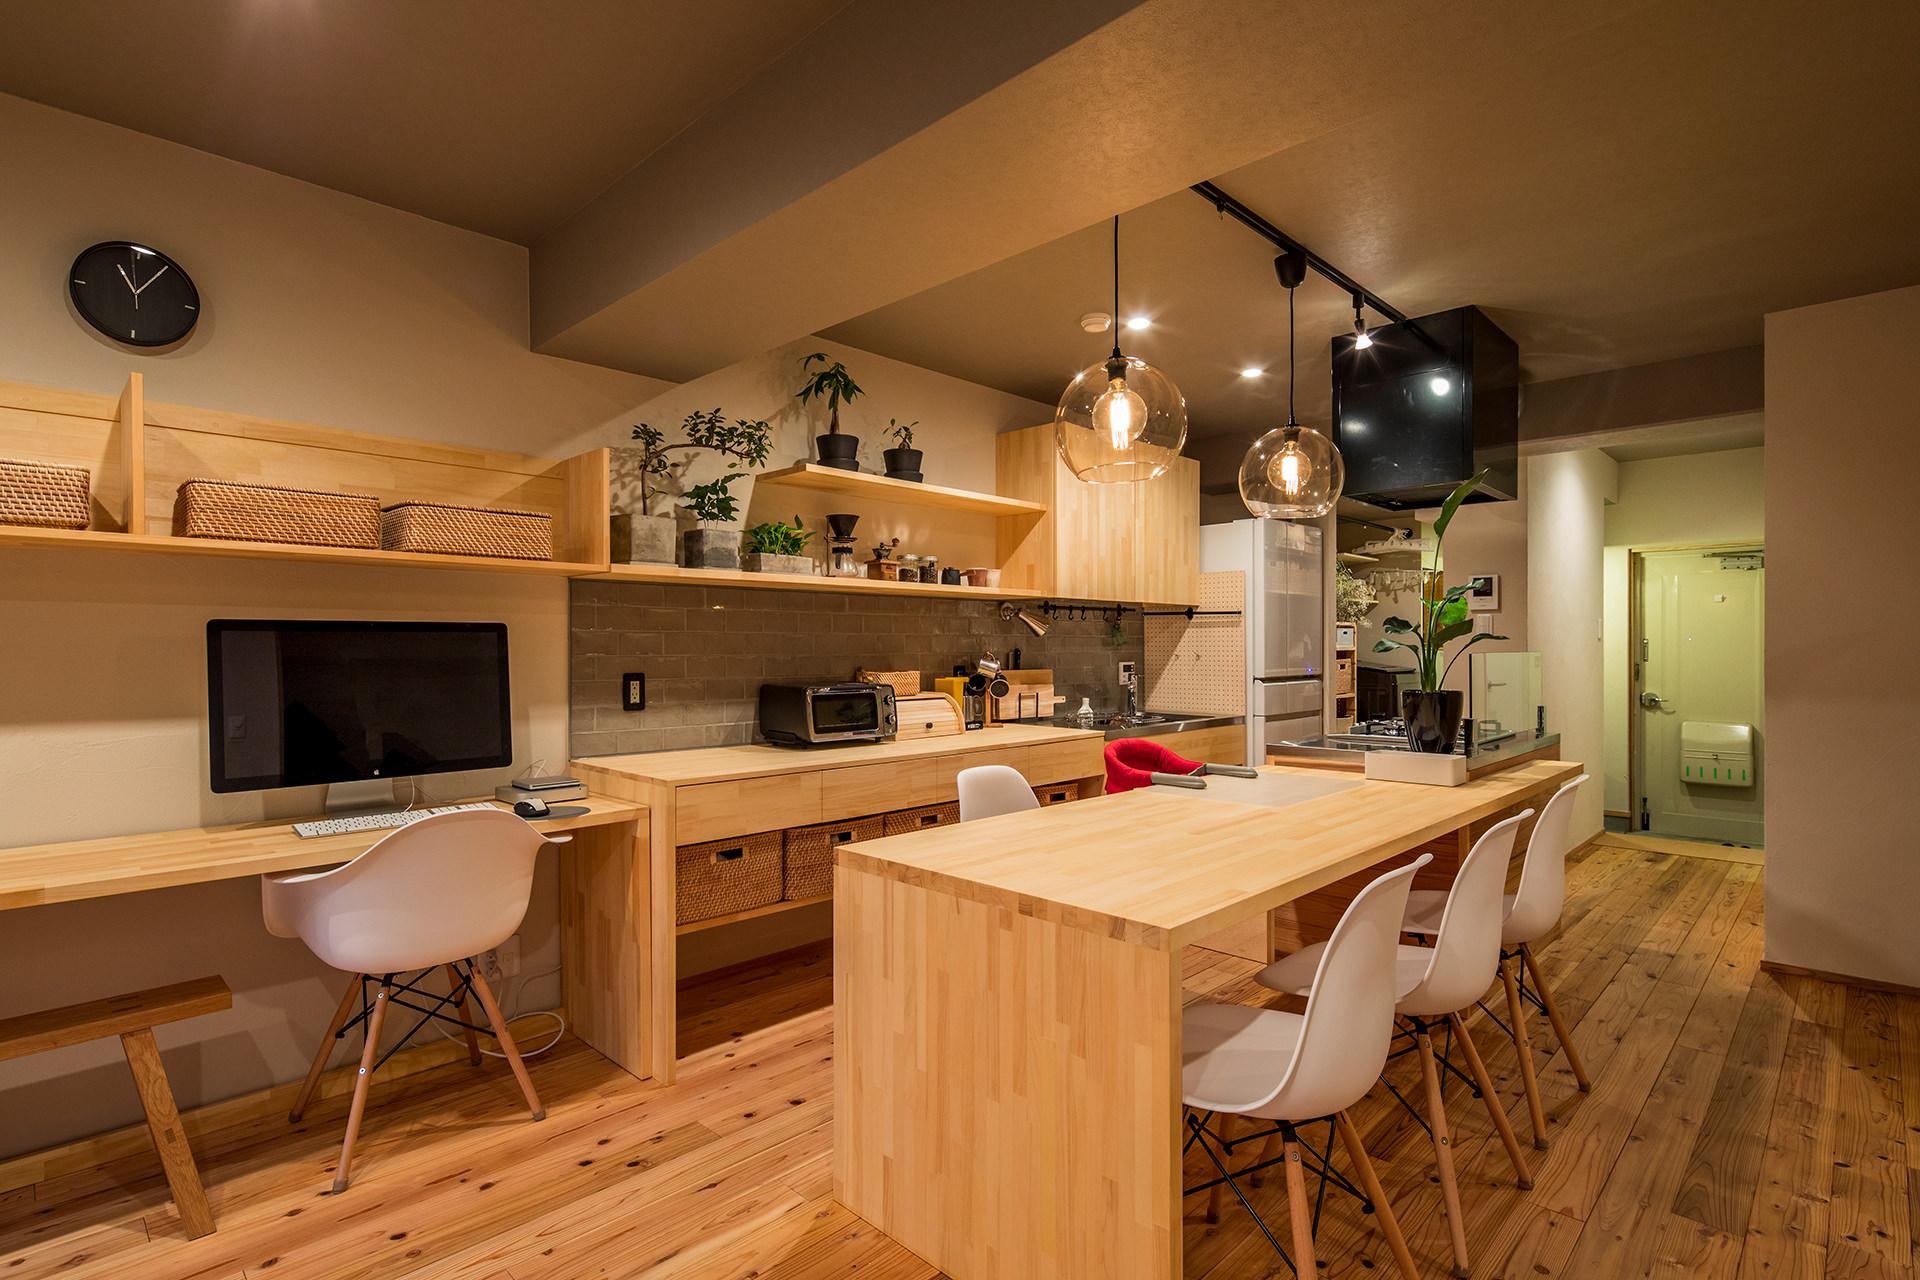 「アイランドキッチンと広々LDKの暮らしを愉しむ家」イメージ04 撮影:東涌宏和